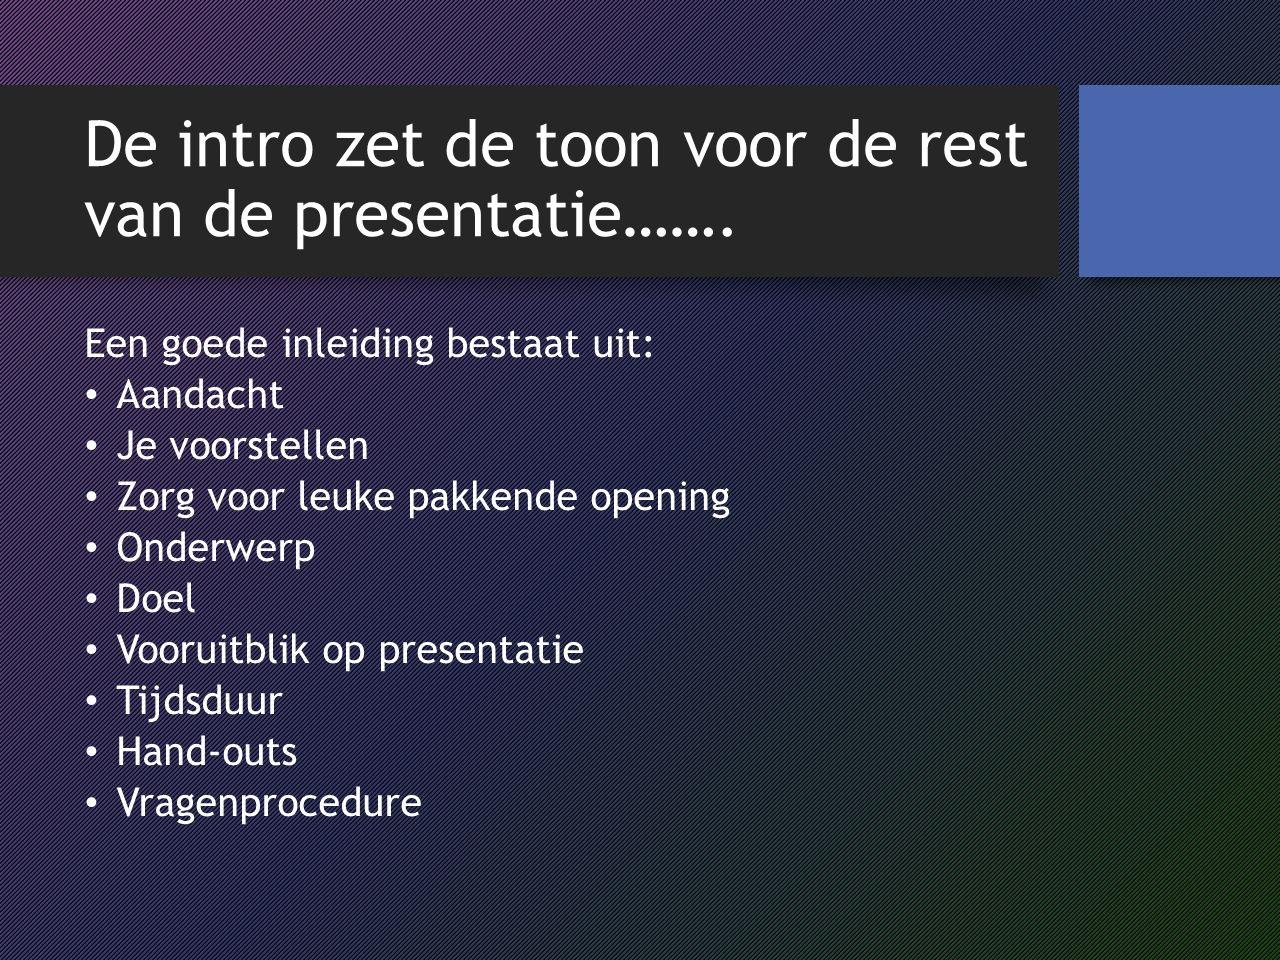 De intro zet de toon voor de rest van de presentatie…….